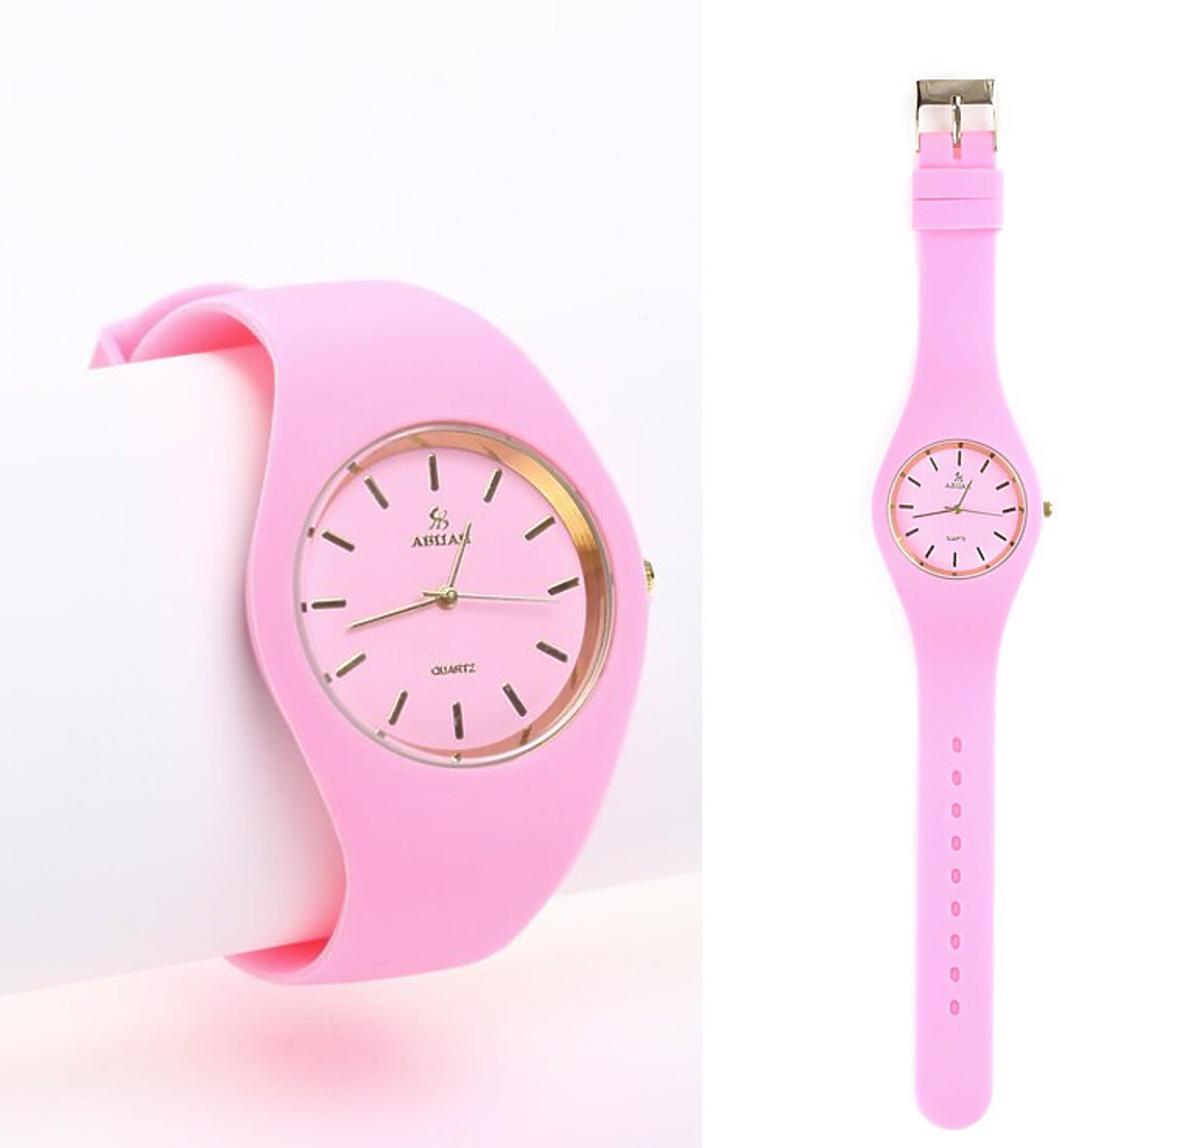 Różowy Zegarek Otherwise, Born2Be, 19,99 zł